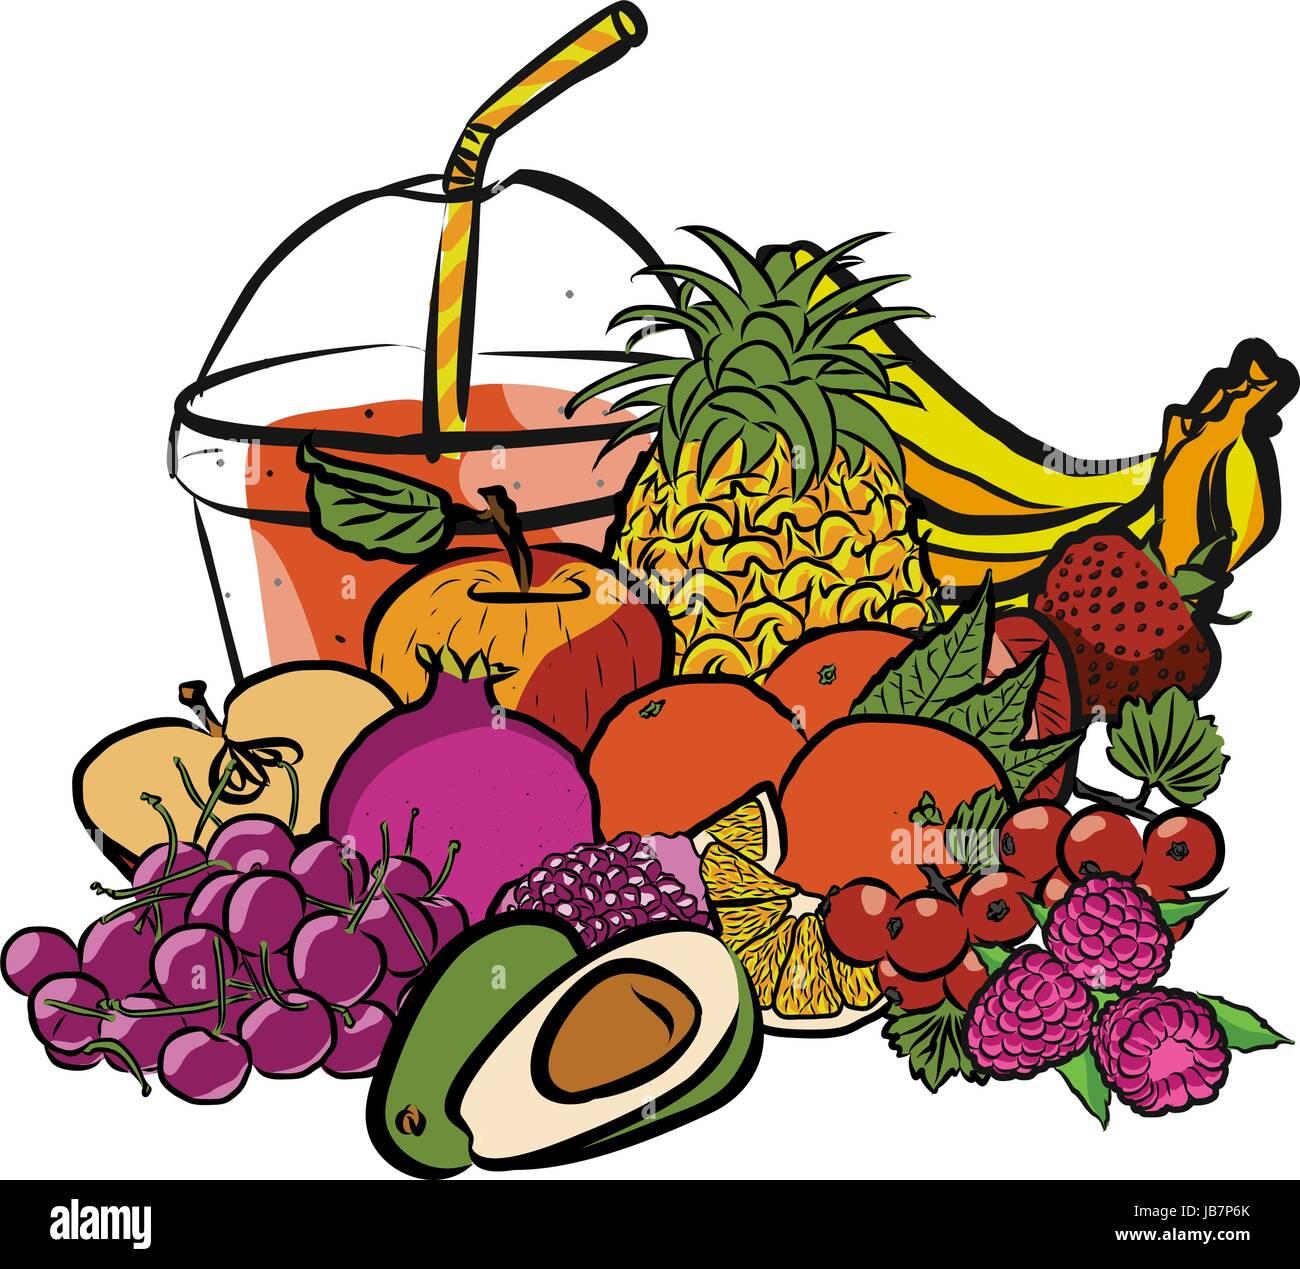 Frischen Sommerfrüchten und Smoothie to Go, farbige Grafiken getrennt auf weiß, Fresh Food Collection, Stockbild